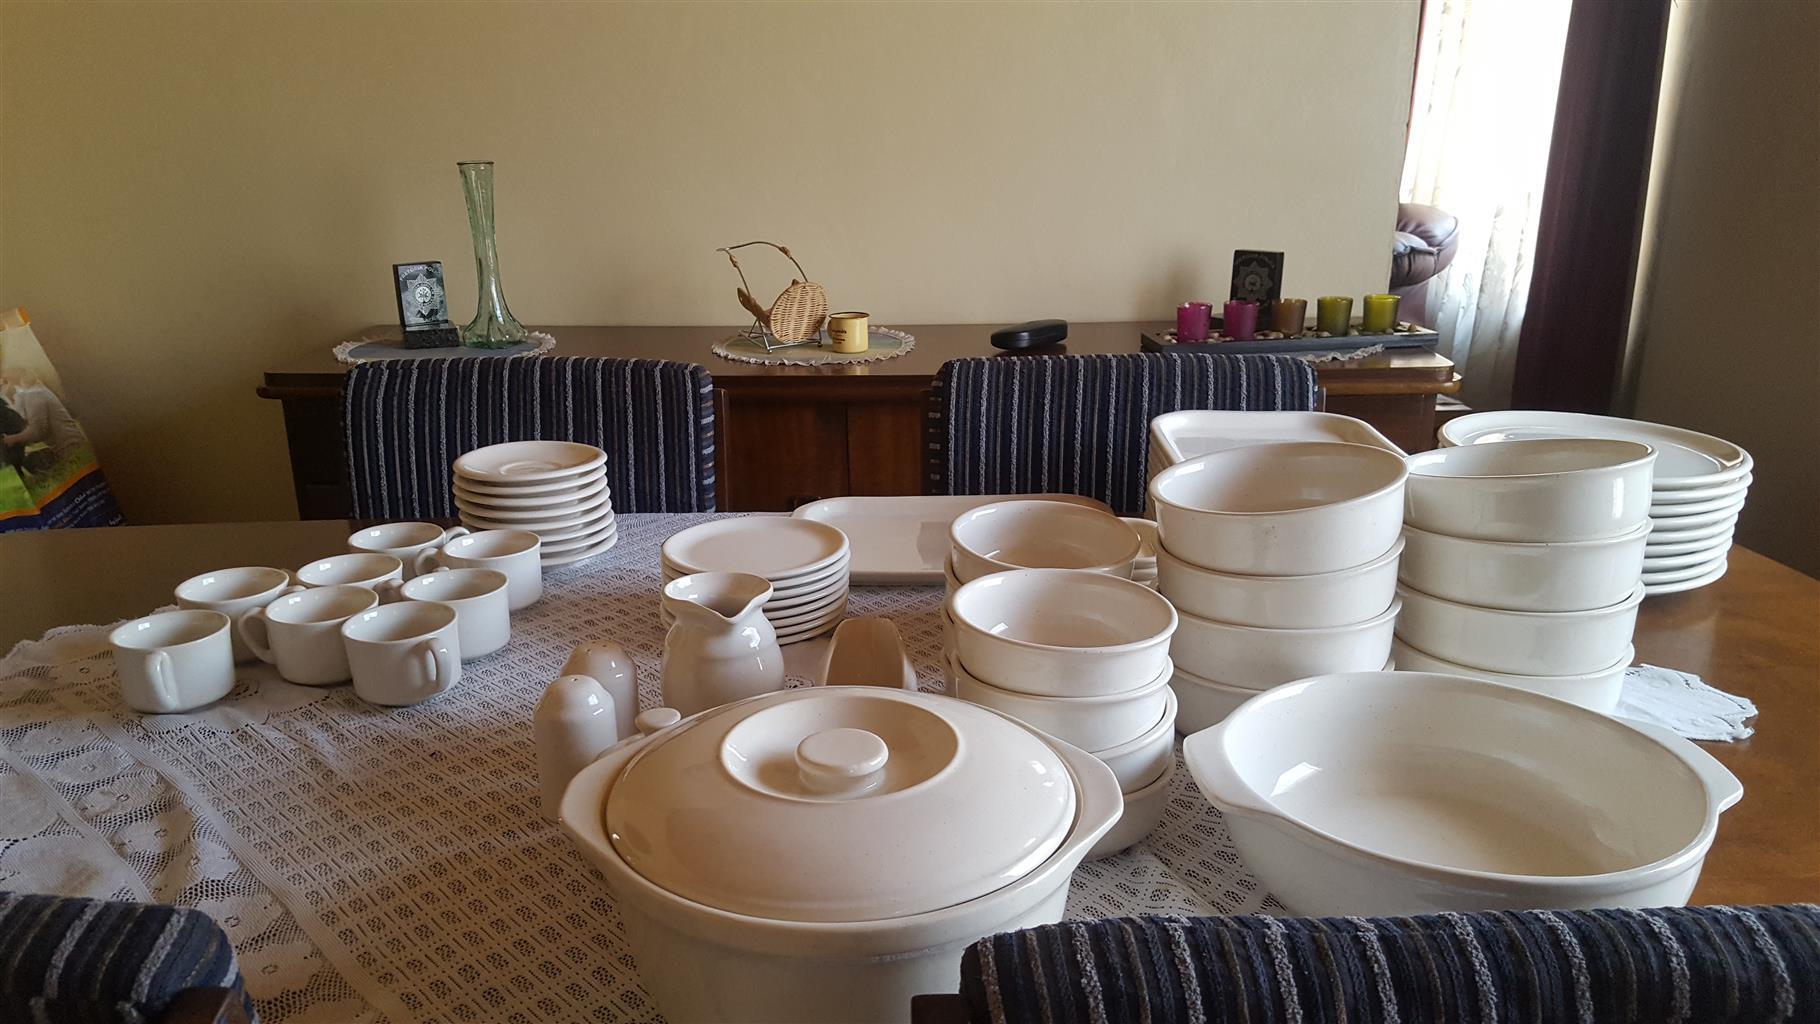 Dinner set for sale